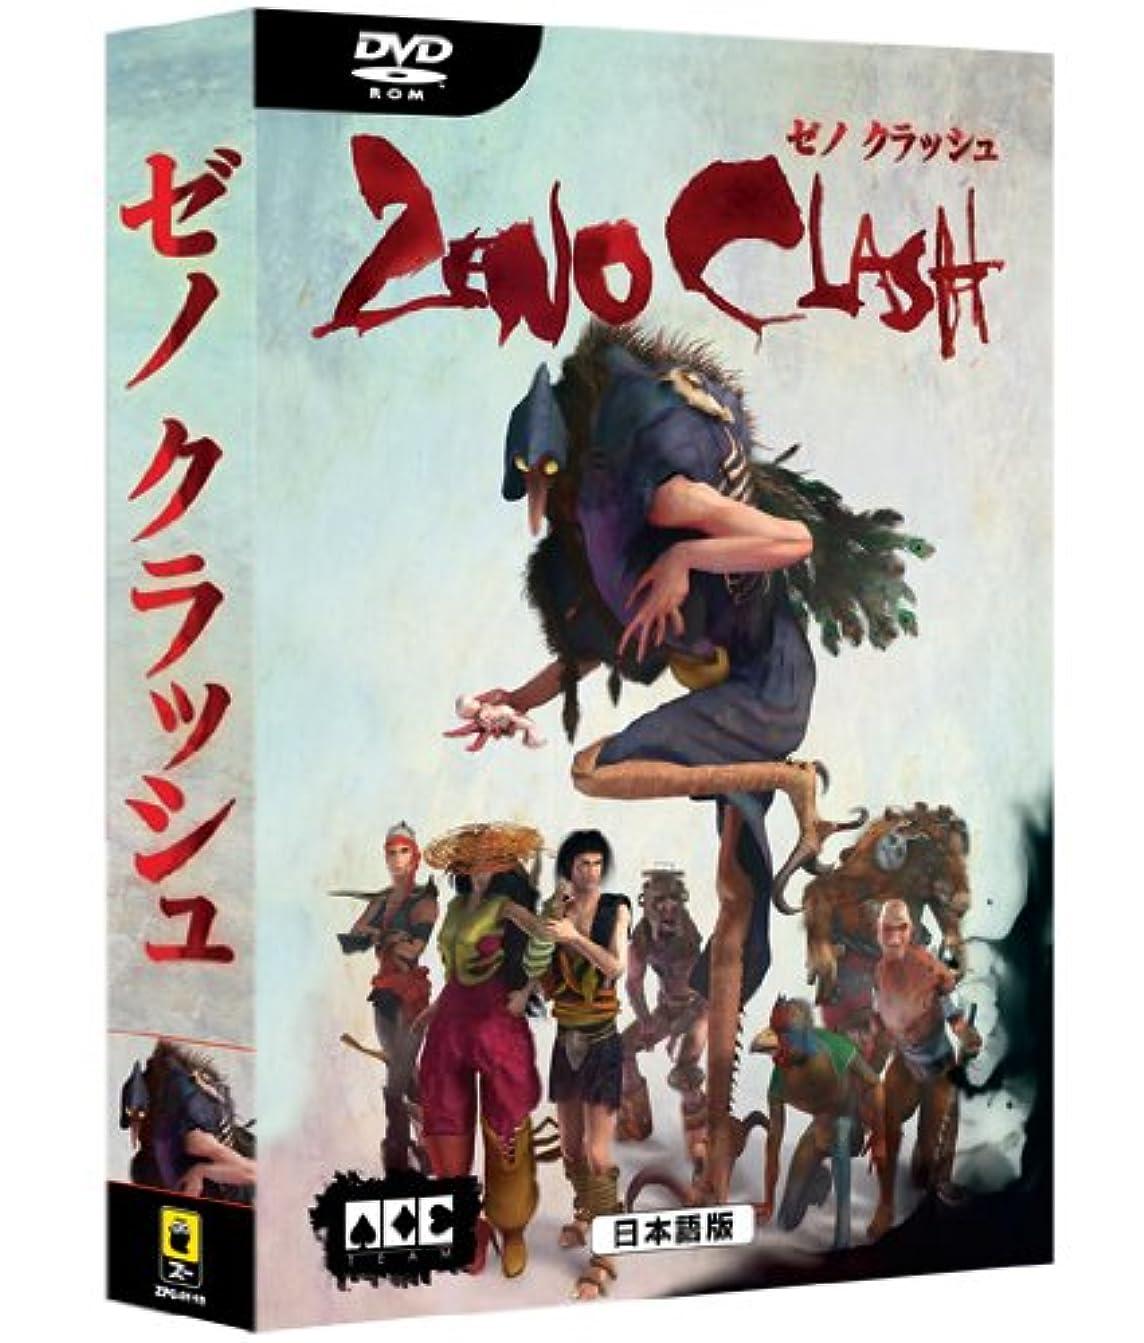 やりがいのあるサンダース軍団ZENO CLASH  (ゼノクラッシュ) 日本語版